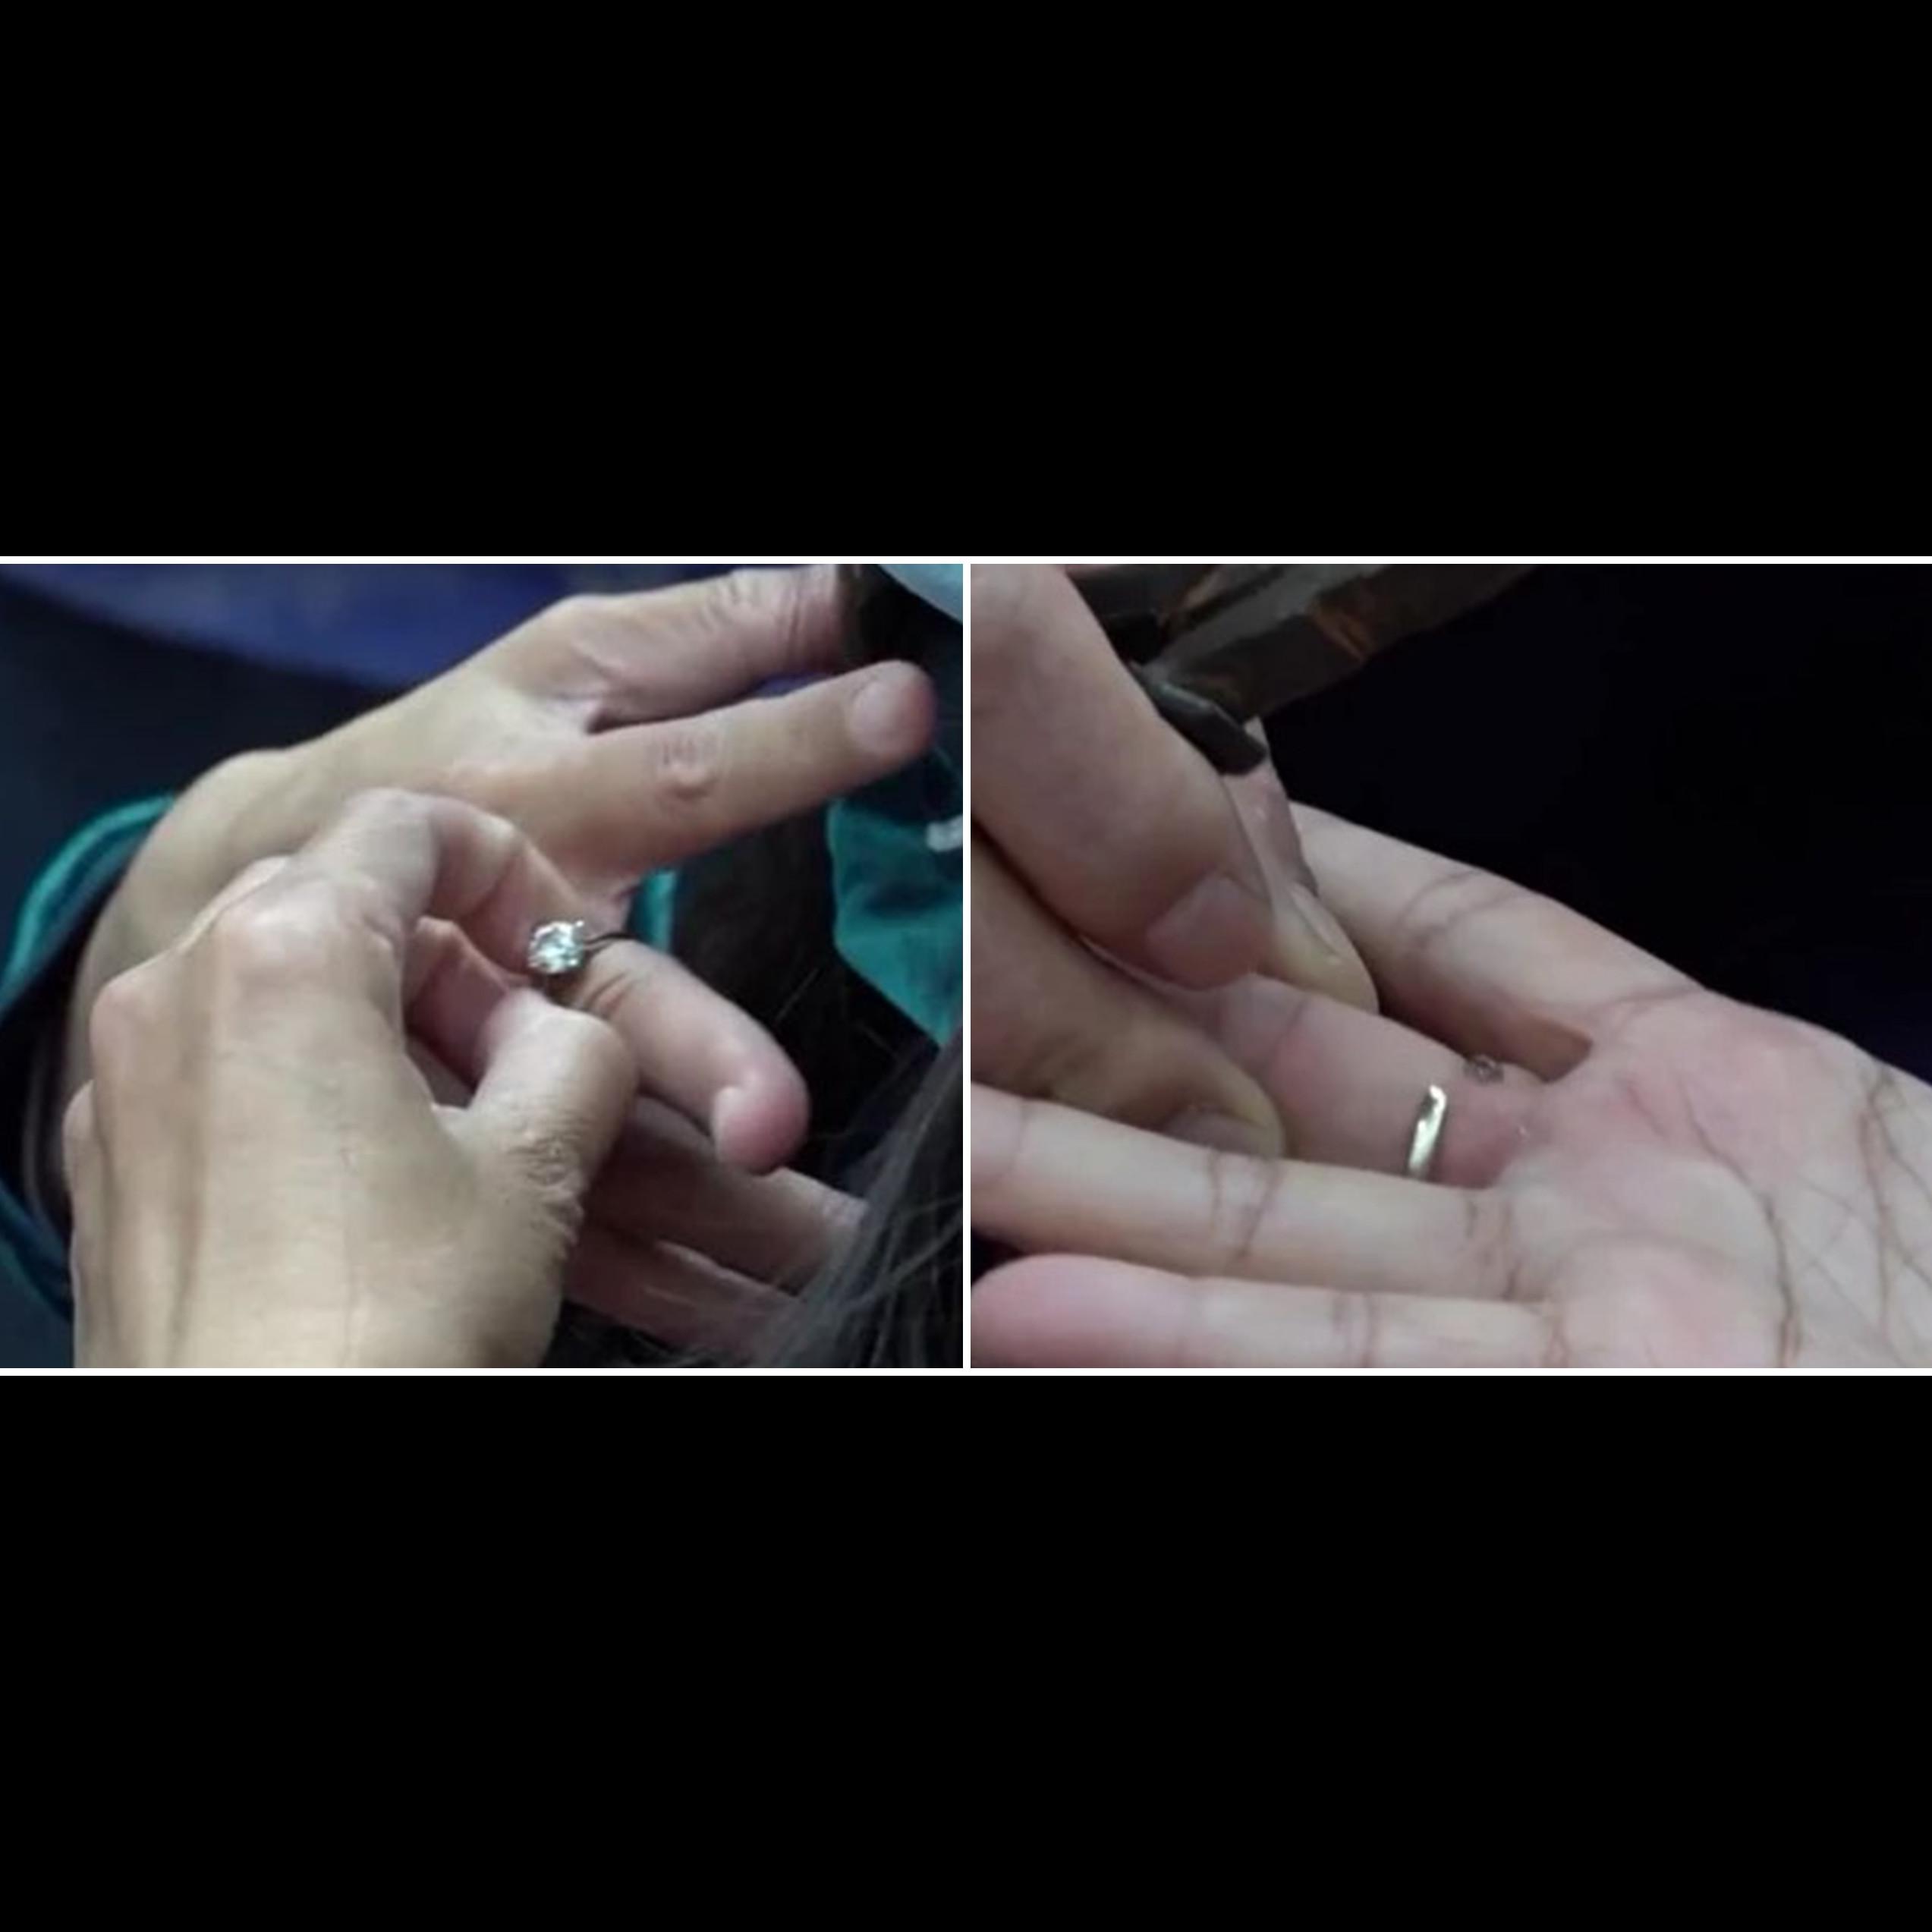 Wanita China potong cincin seharga Rp 600 juta, alasannya jadi sorotan